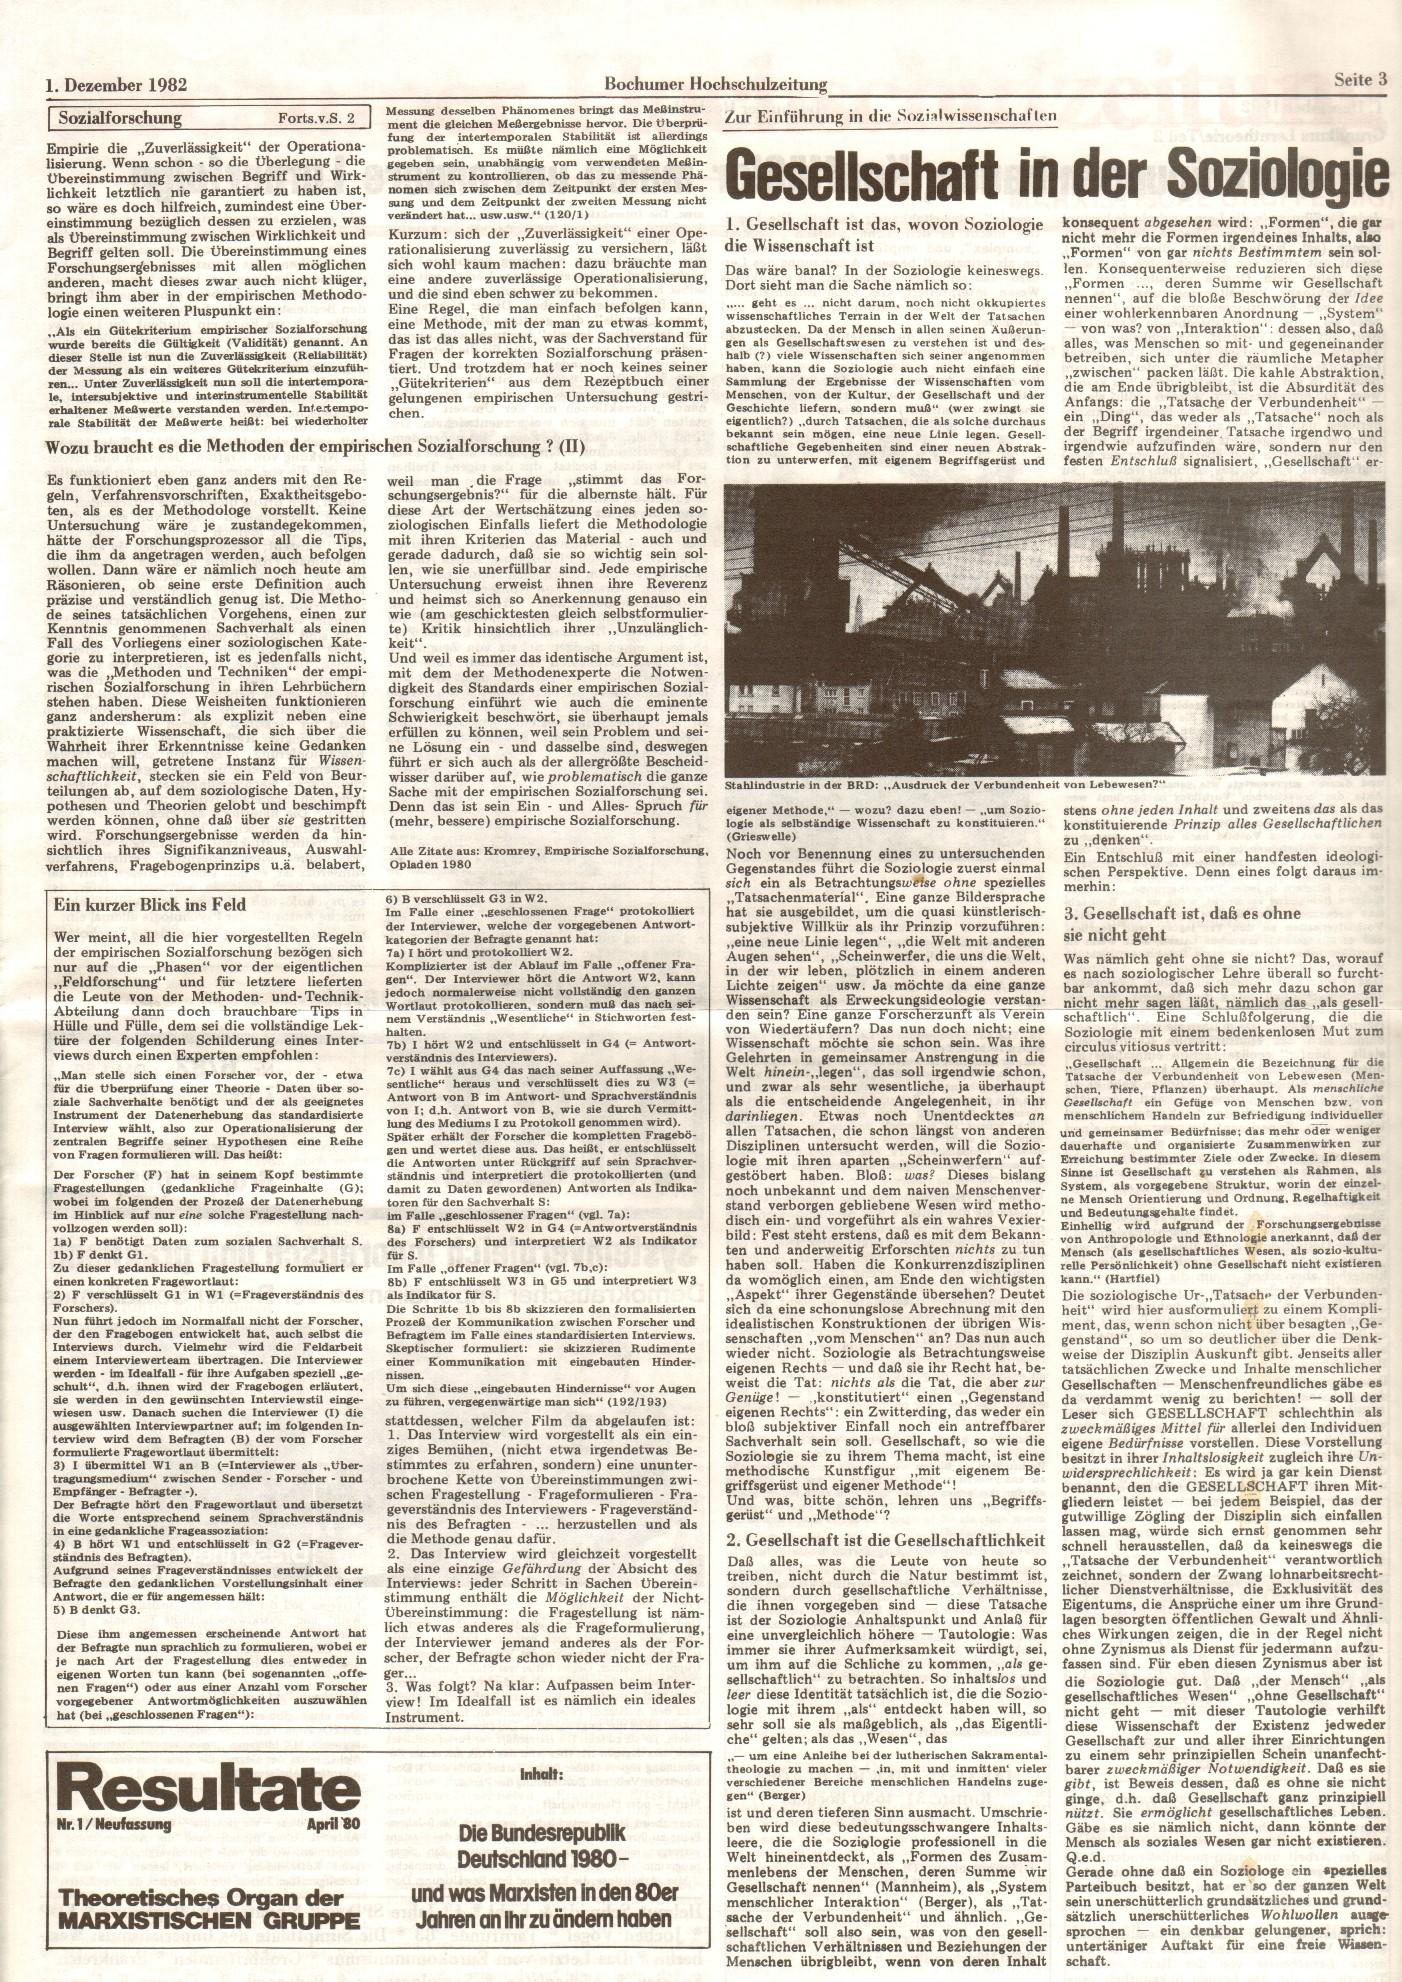 MG_Bochumer_Hochschulzeitung_19821201_03